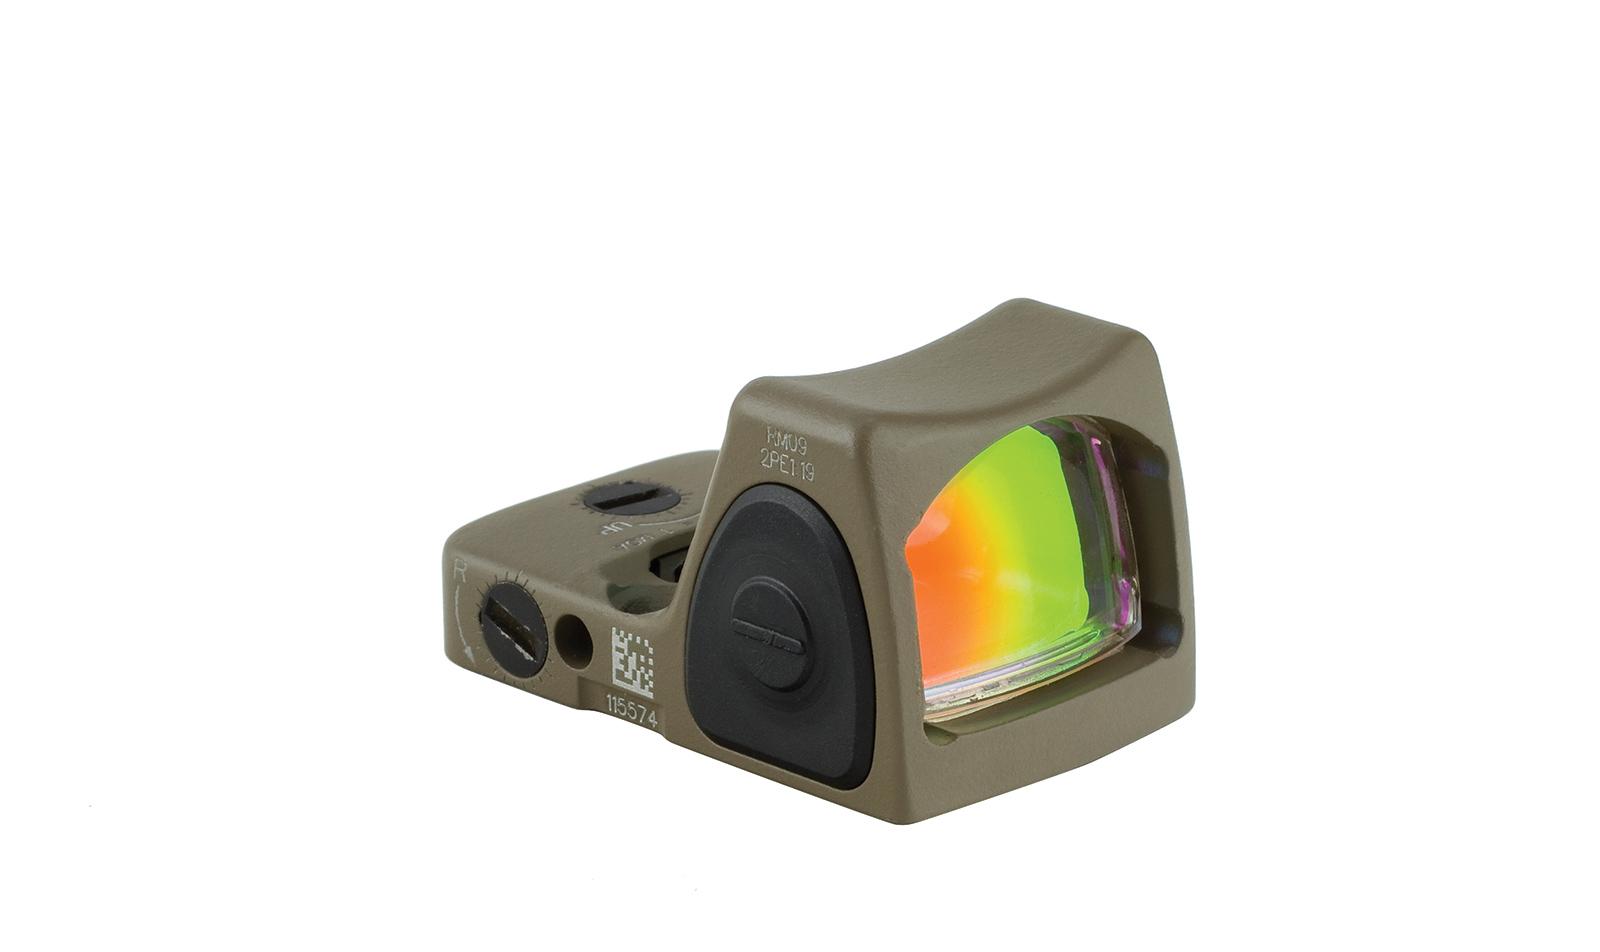 RM09-C-700745 angle 7